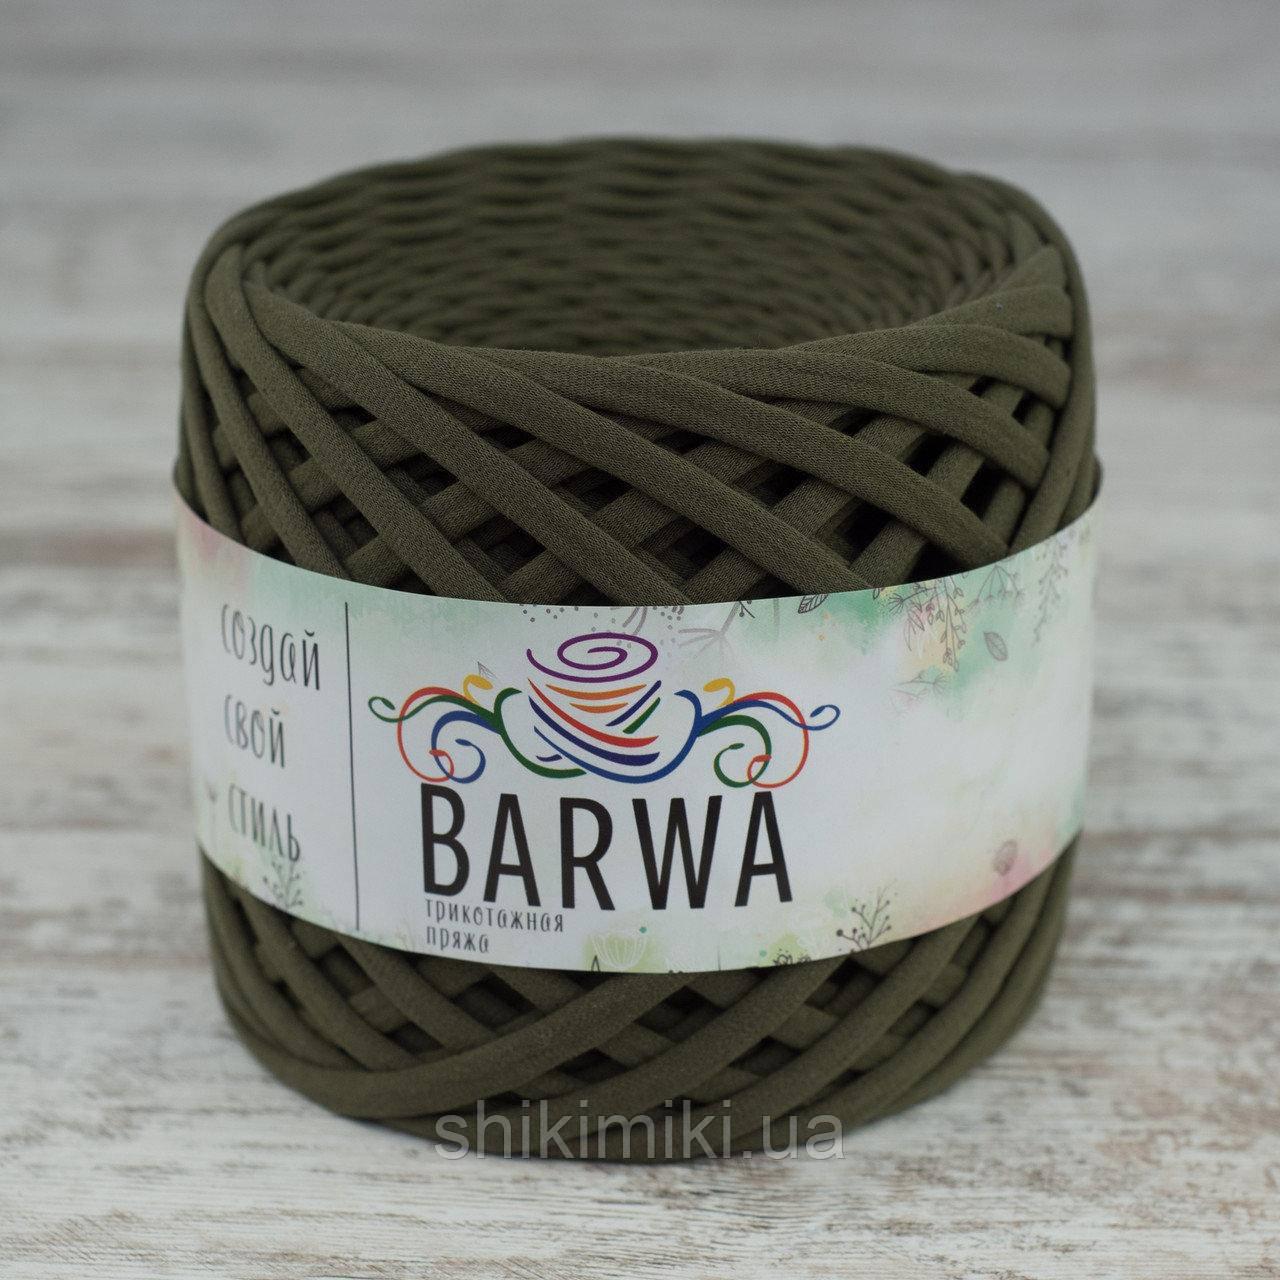 Трикотажная пряжа Barwa (7-9 мм), цвет Лавровый